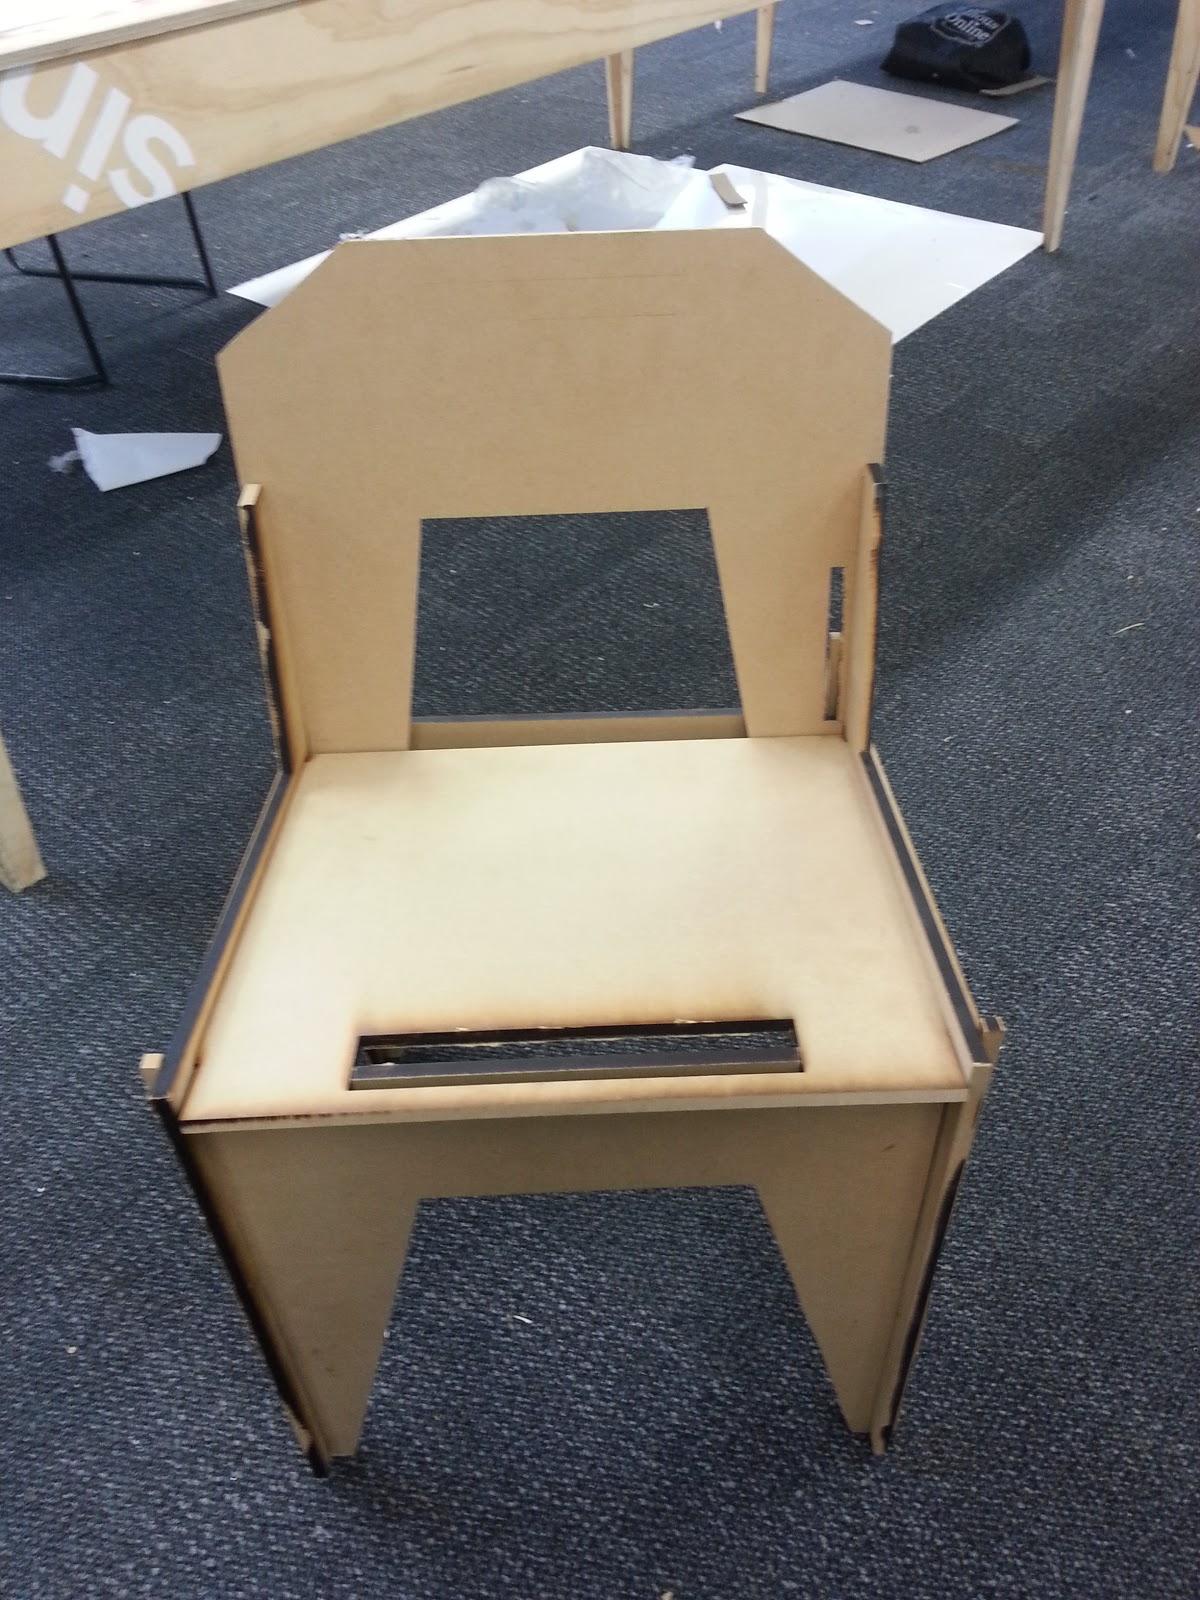 philip leytens furniture design blog full scale mdf chair. Black Bedroom Furniture Sets. Home Design Ideas